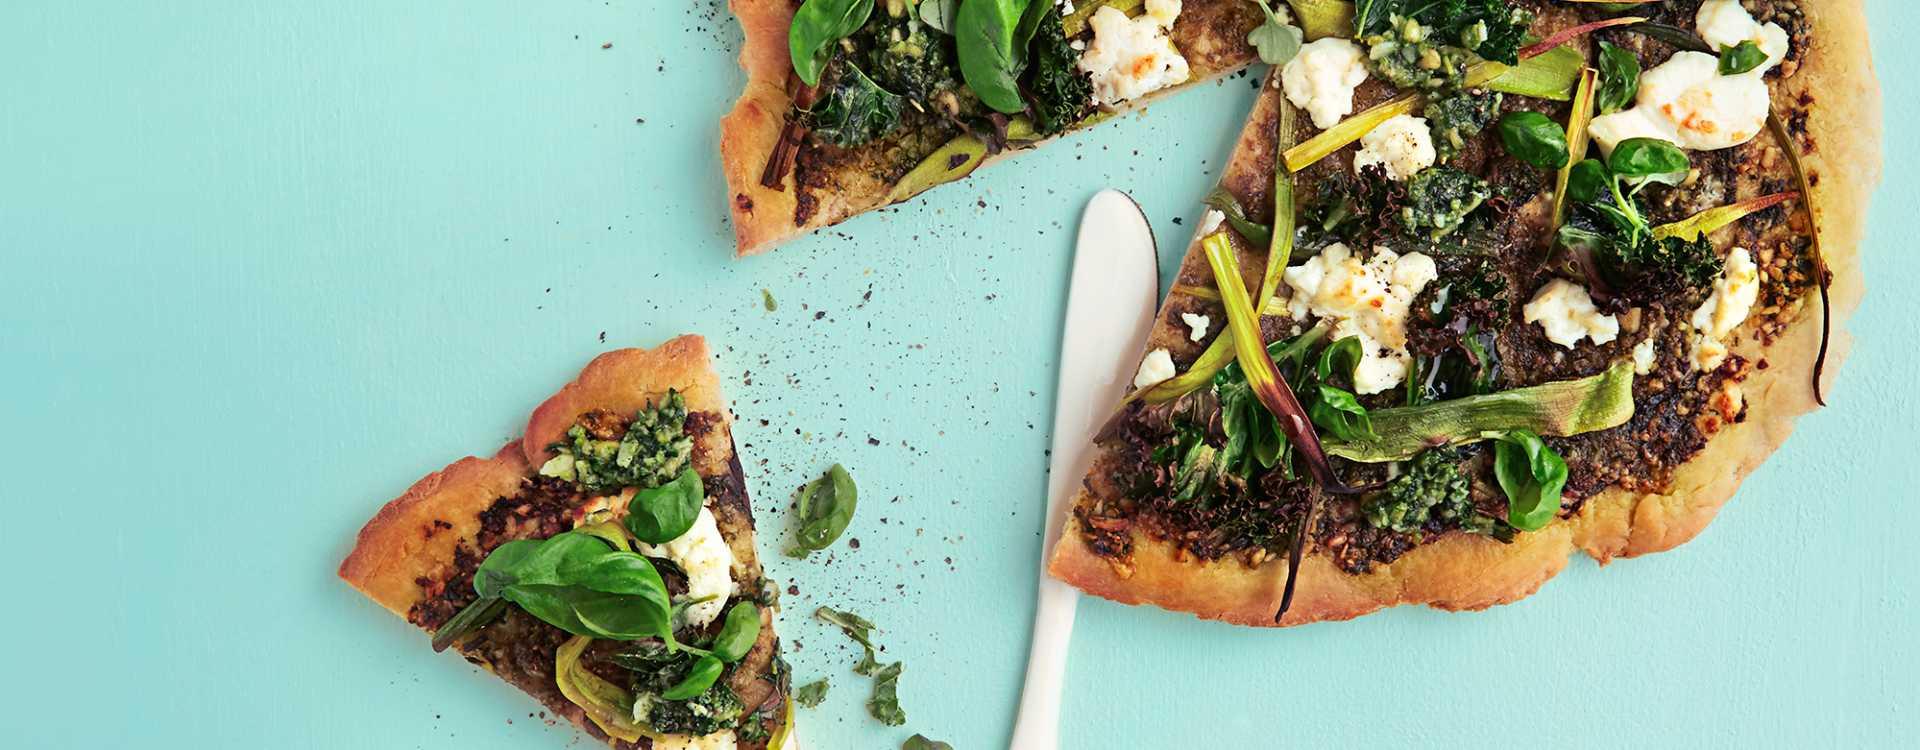 Grønn pizza med chevre, grønnkål, purre og pesto